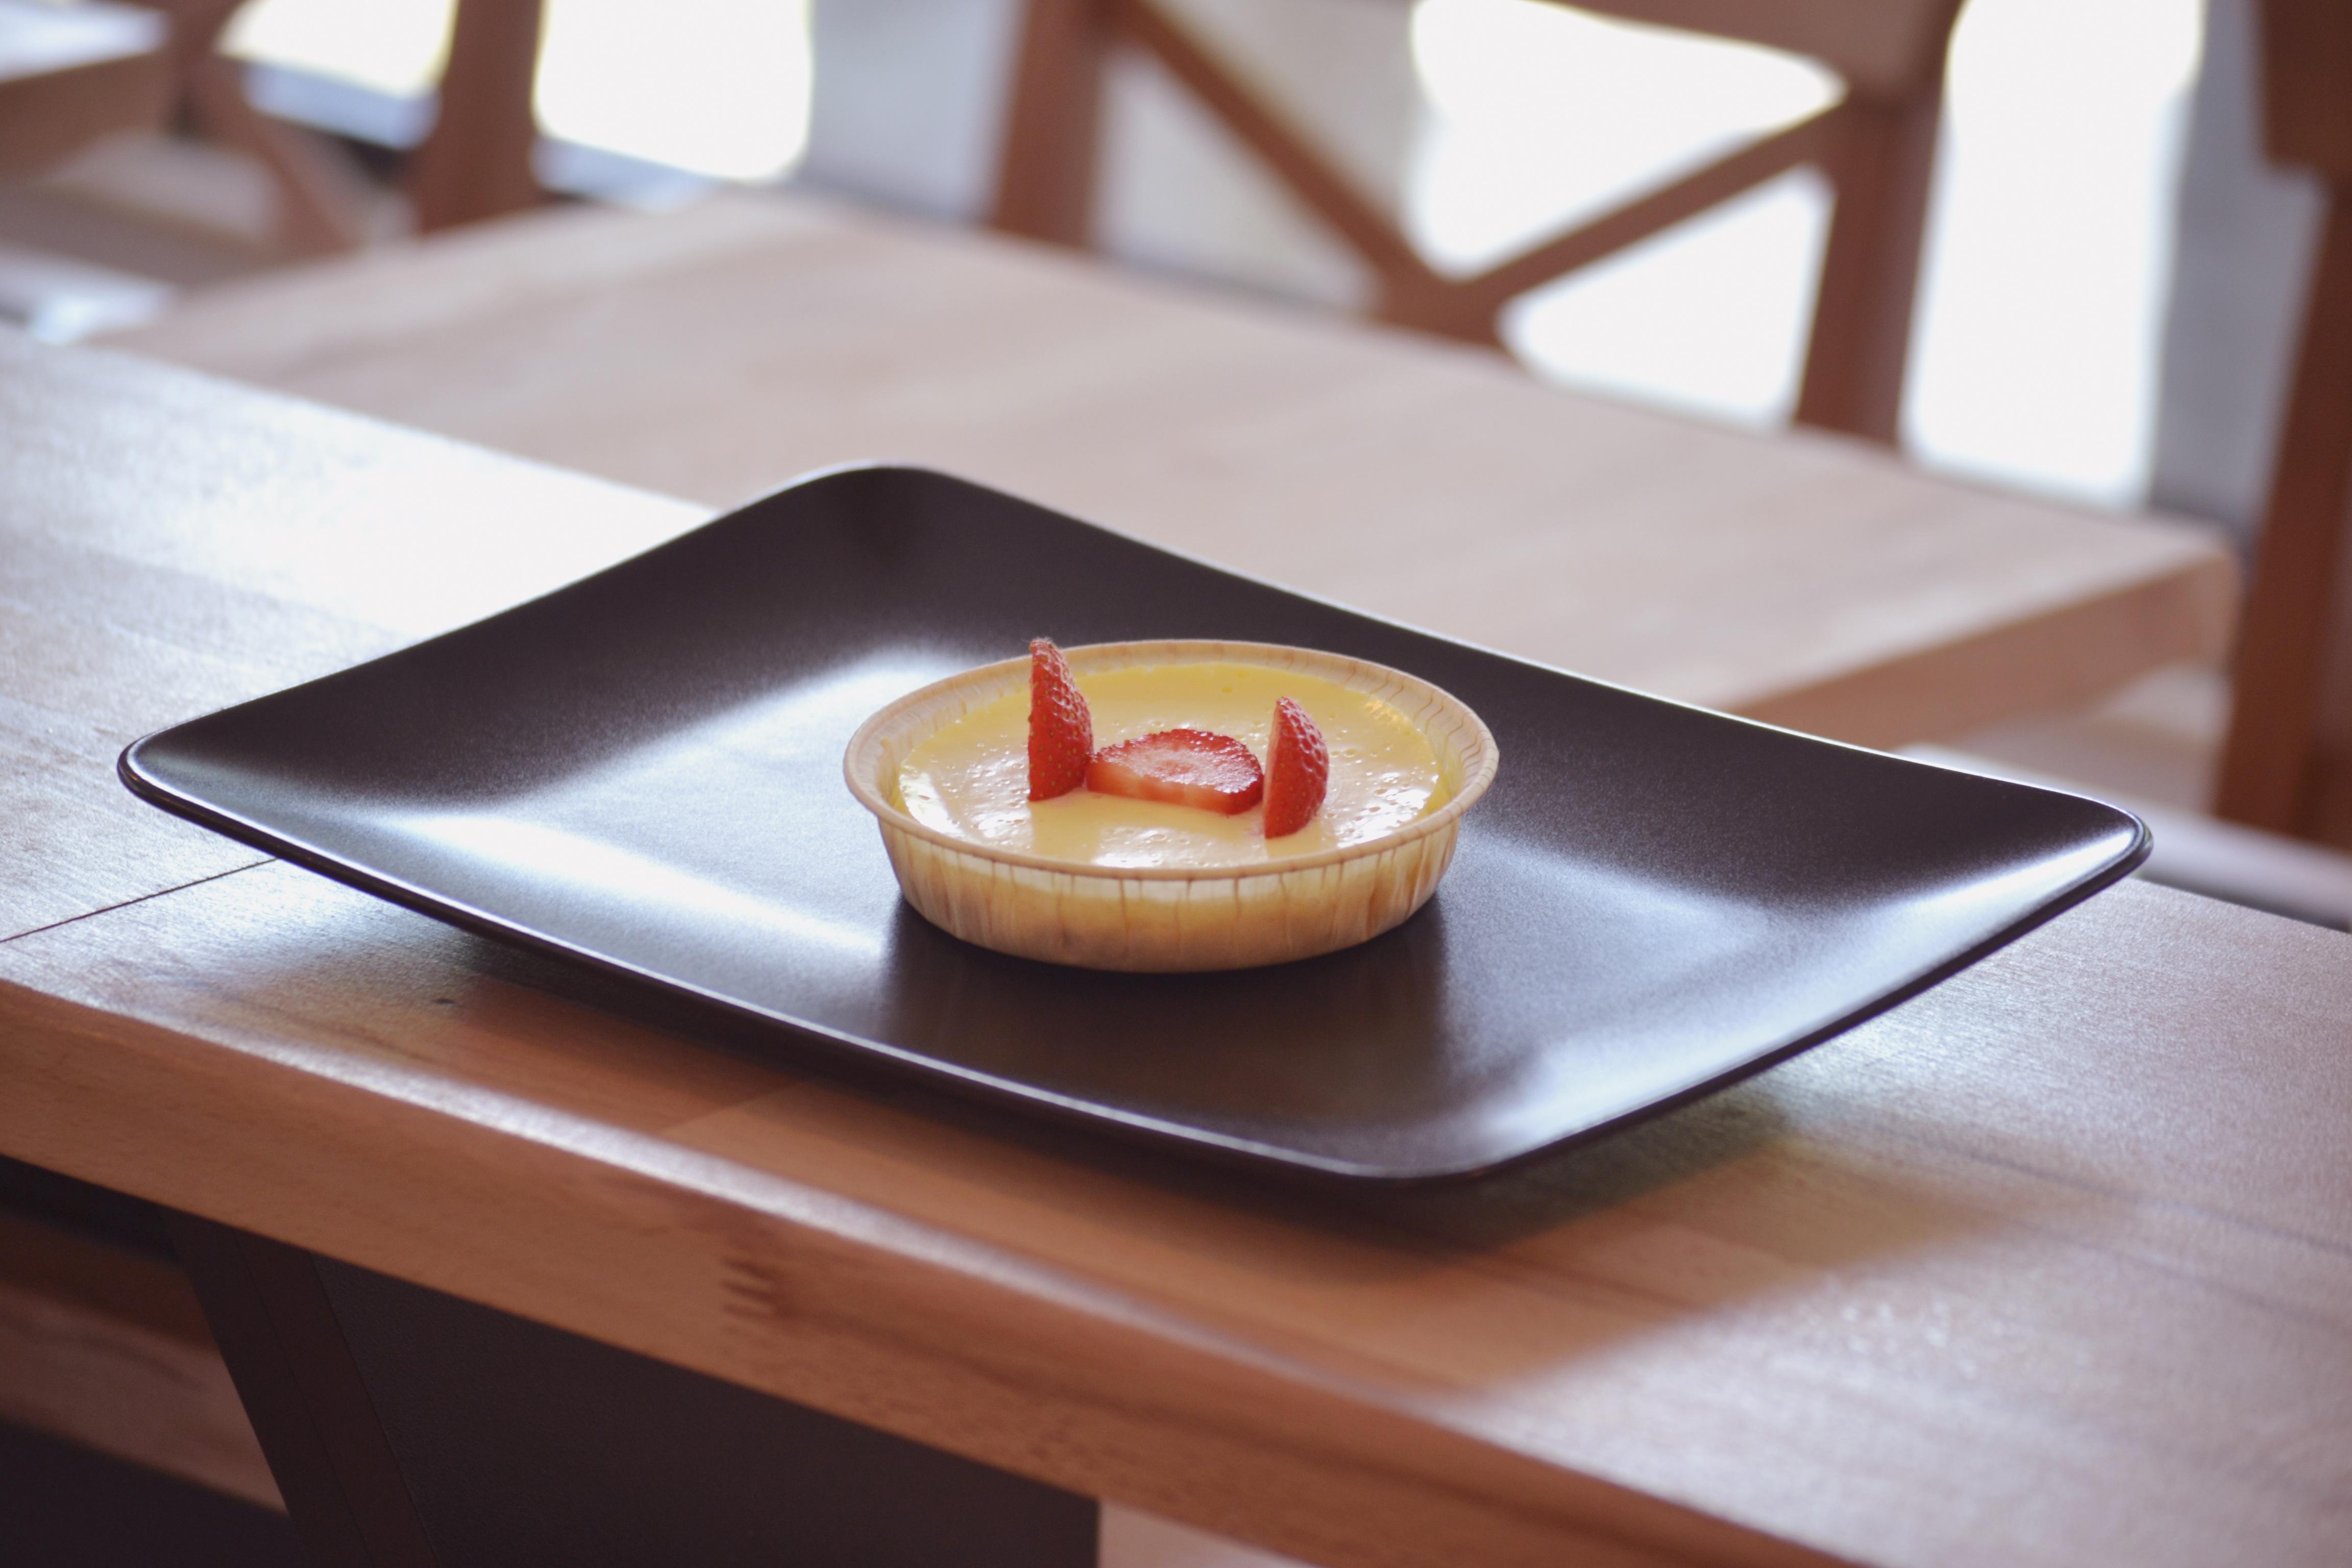 Fotos Gratis Mesa Fruta Dulce Restaurante Comida Rojo  # Muebles Para Tienda Gourmet